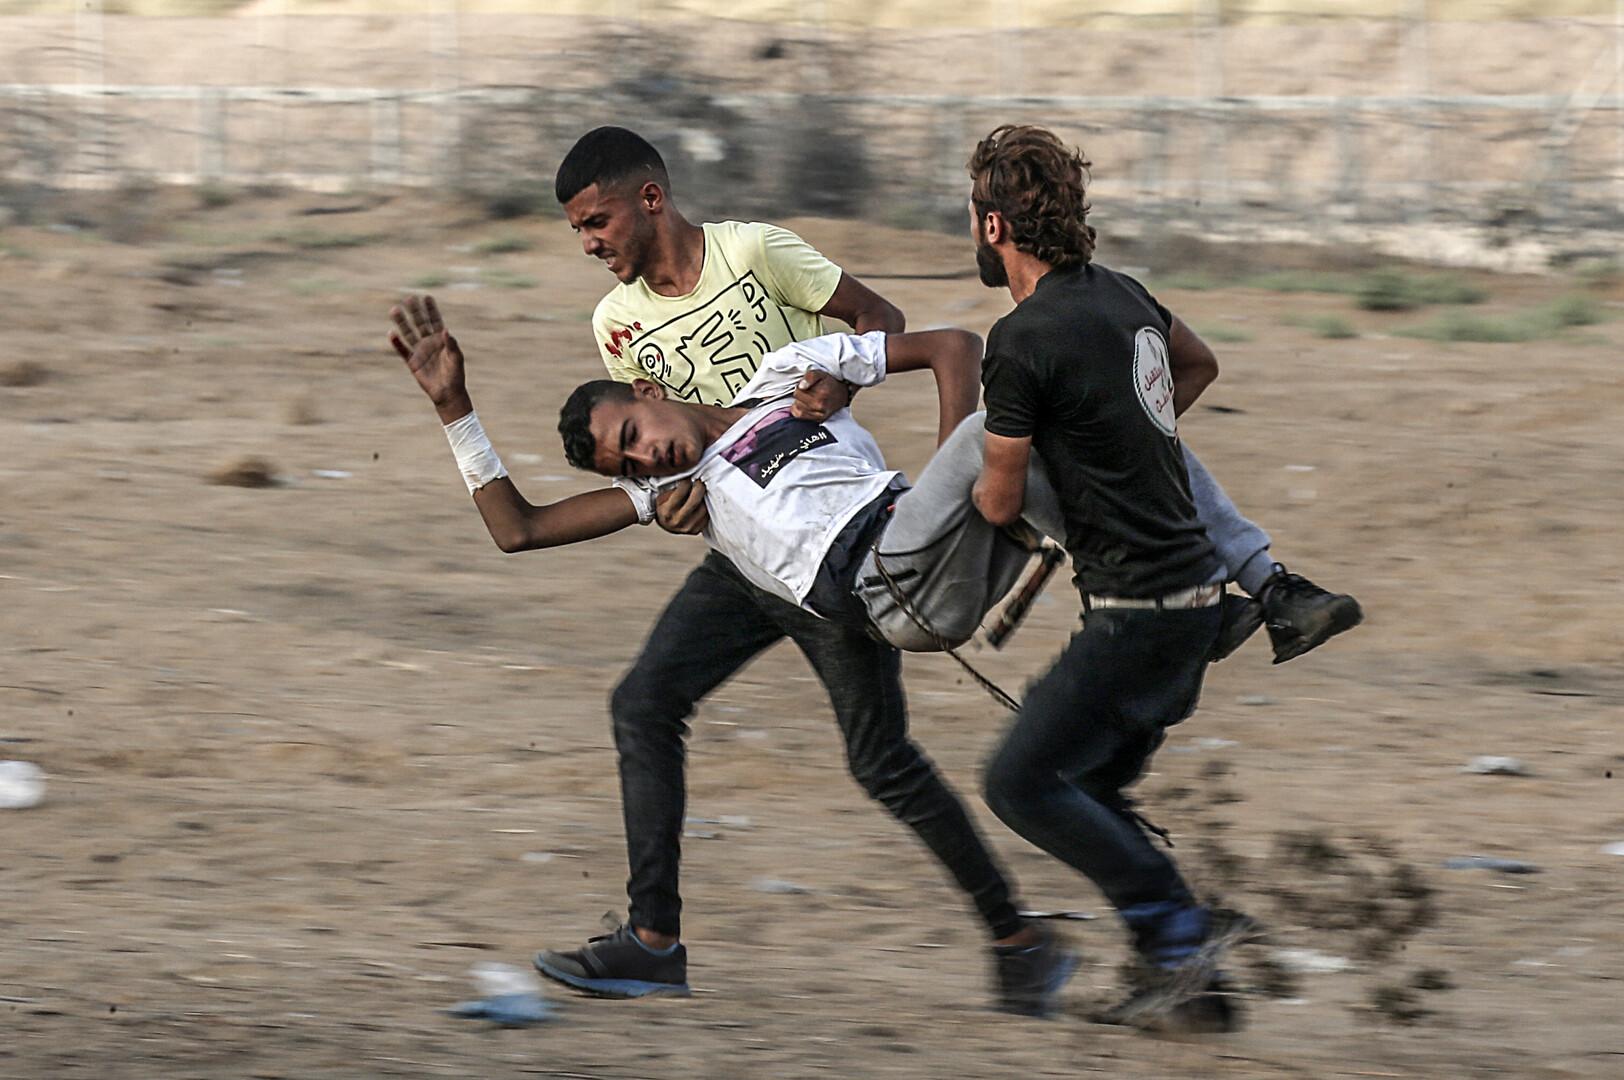 الصحة الفلسطينية: 55 إصابة بجراح مختلفة خلال مسيرات العودة شرقي قطاع غزة